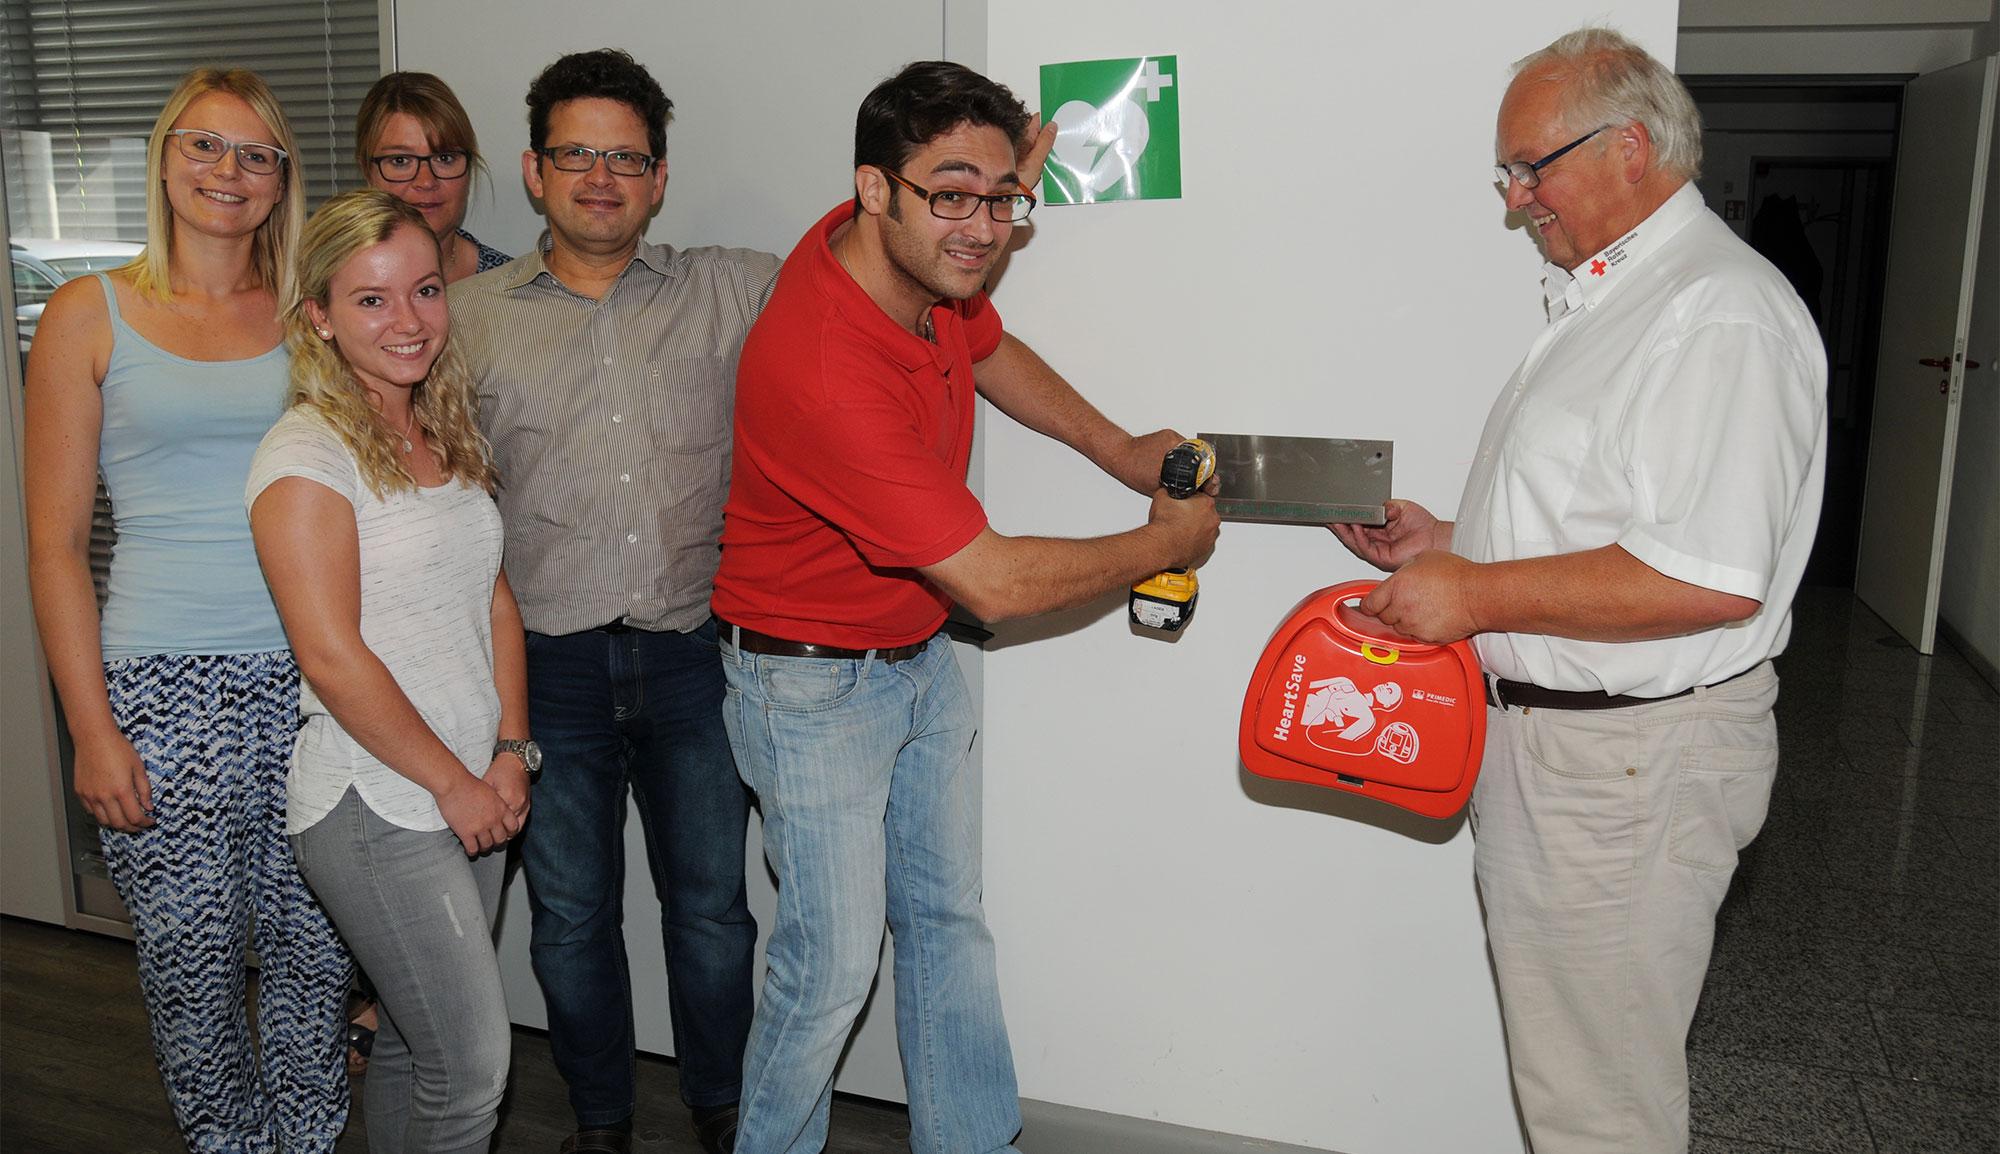 DTB-Ausbau spendet einen Defibrillator für das Rennertshofer Industriegebiet